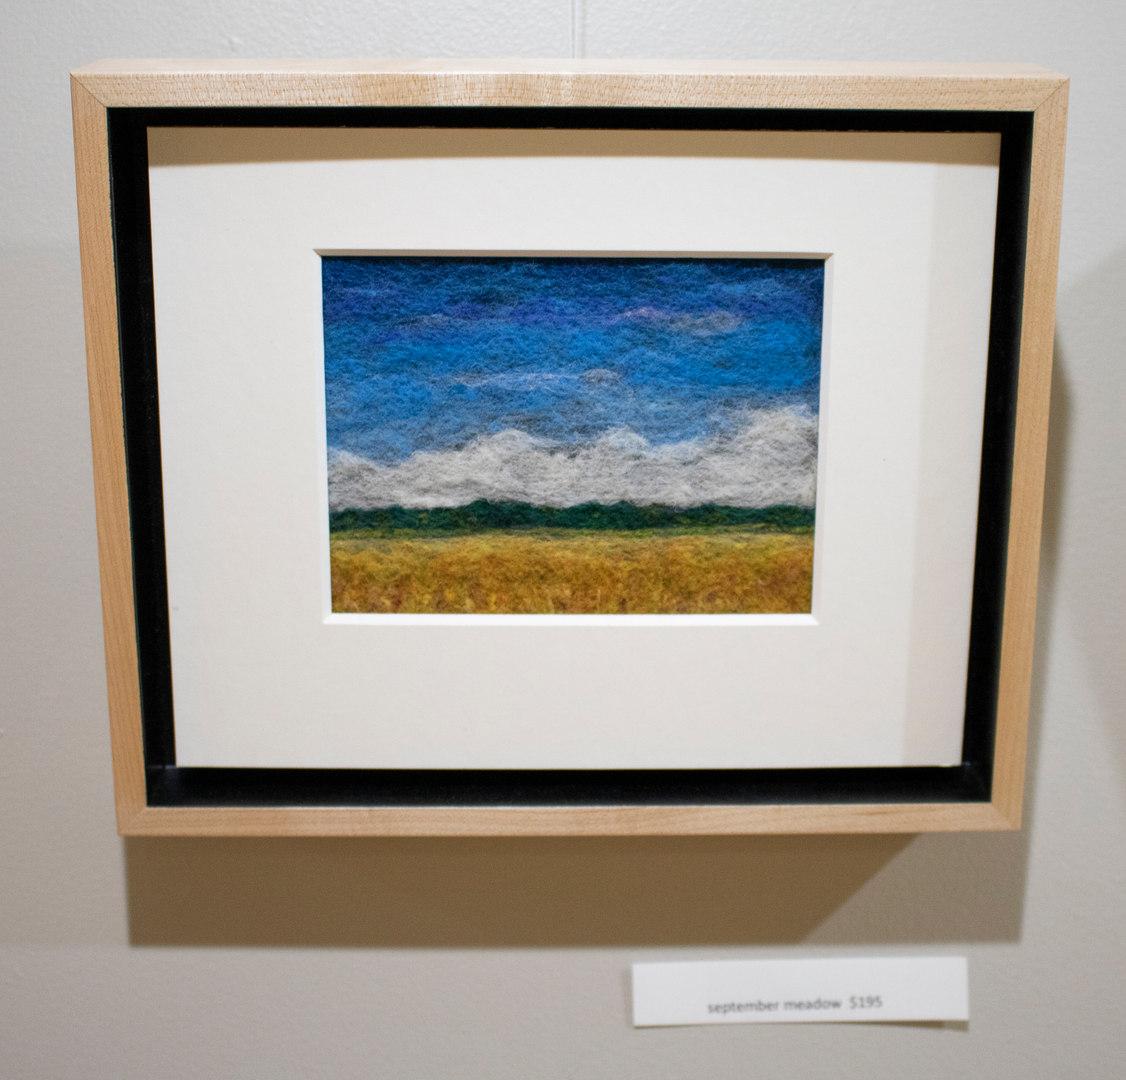 September Meadow by Heidi Bond